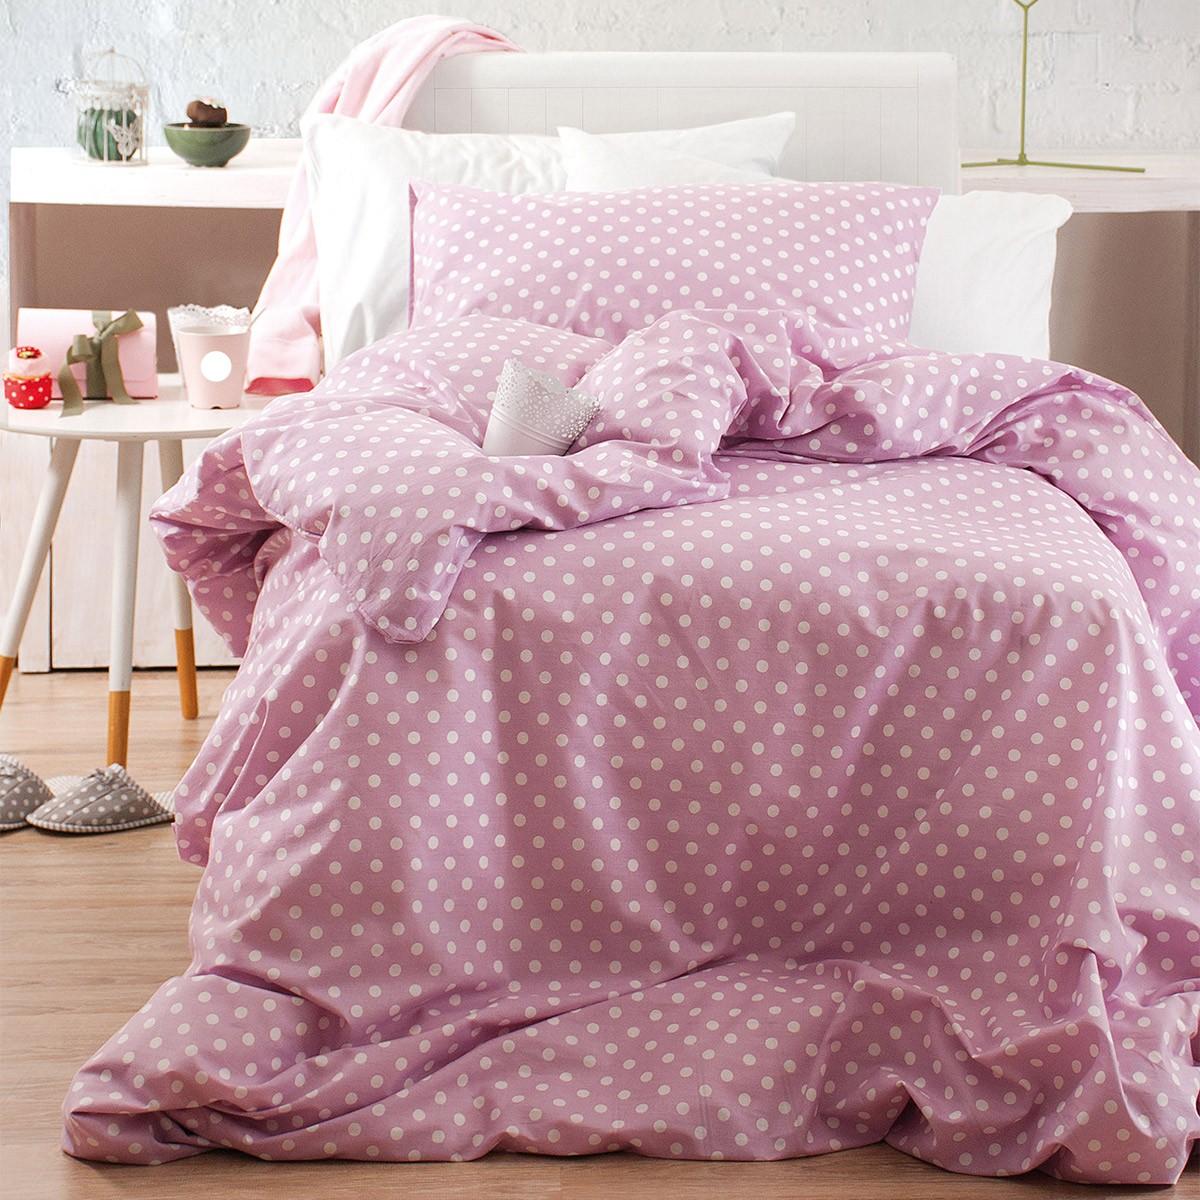 Πάπλωμα Μονό (Σετ) Rythmos Diva Sassy New Pink